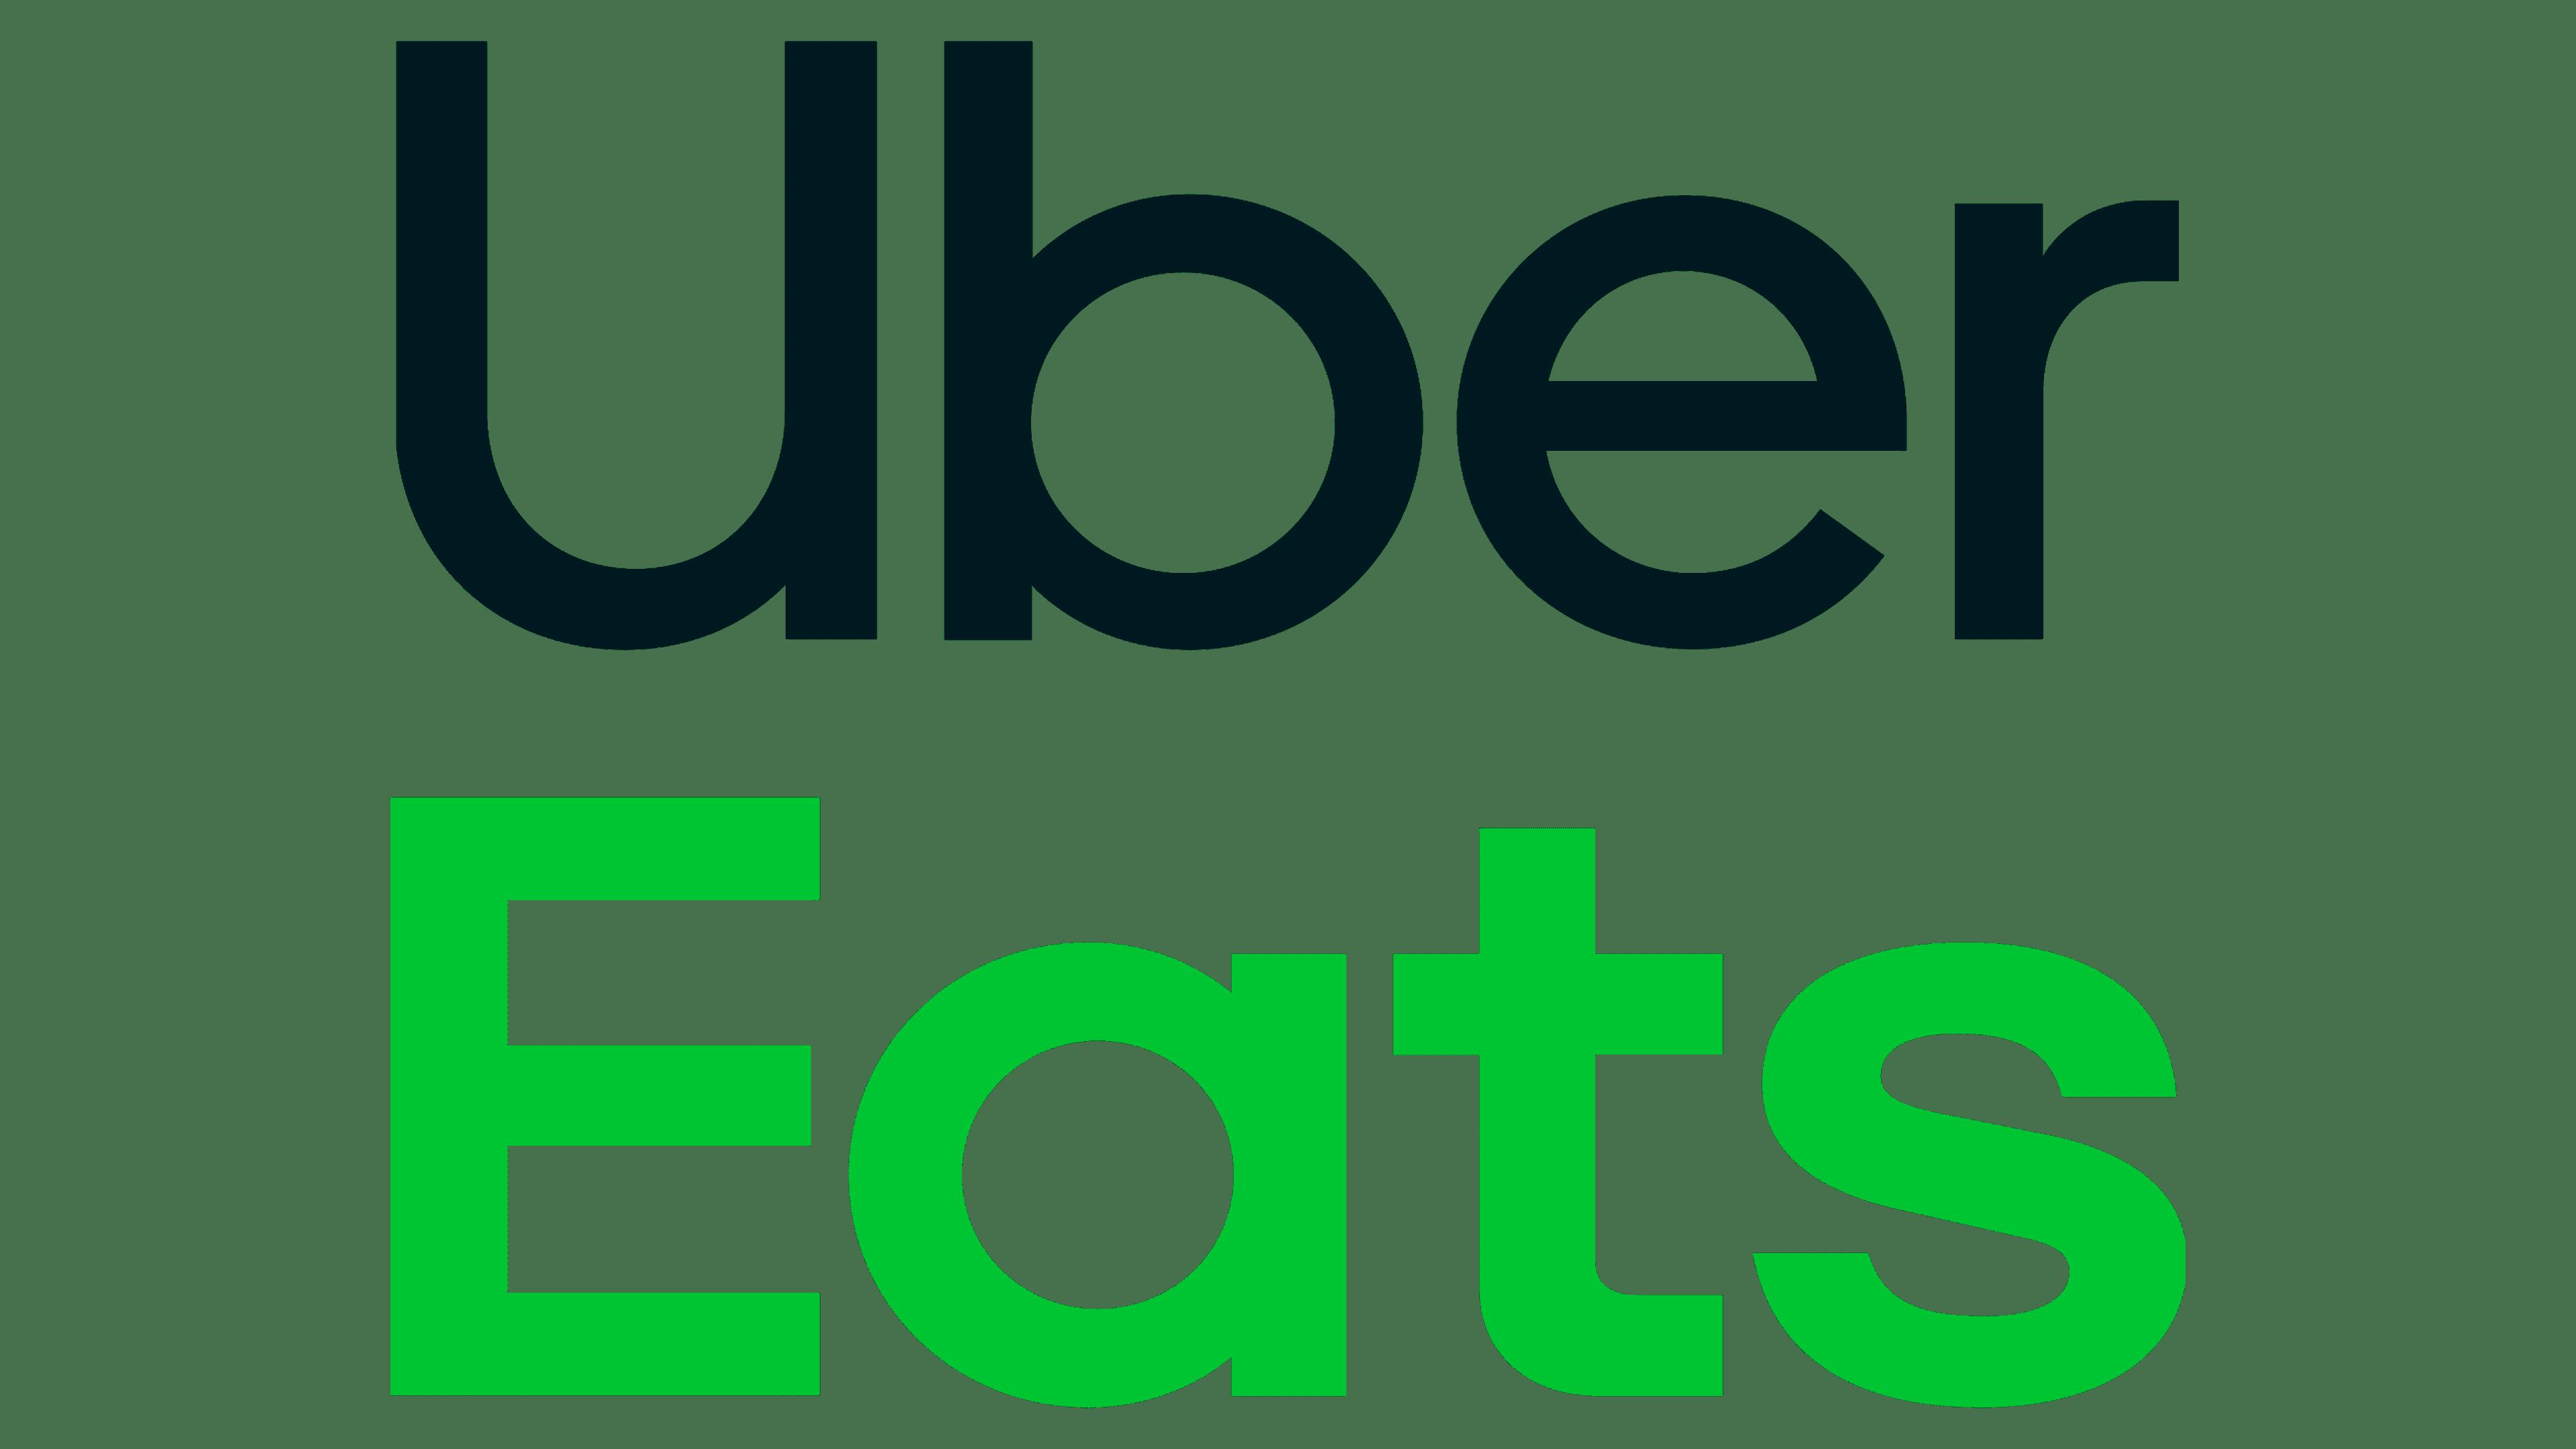 Uber-Eats-Emblem